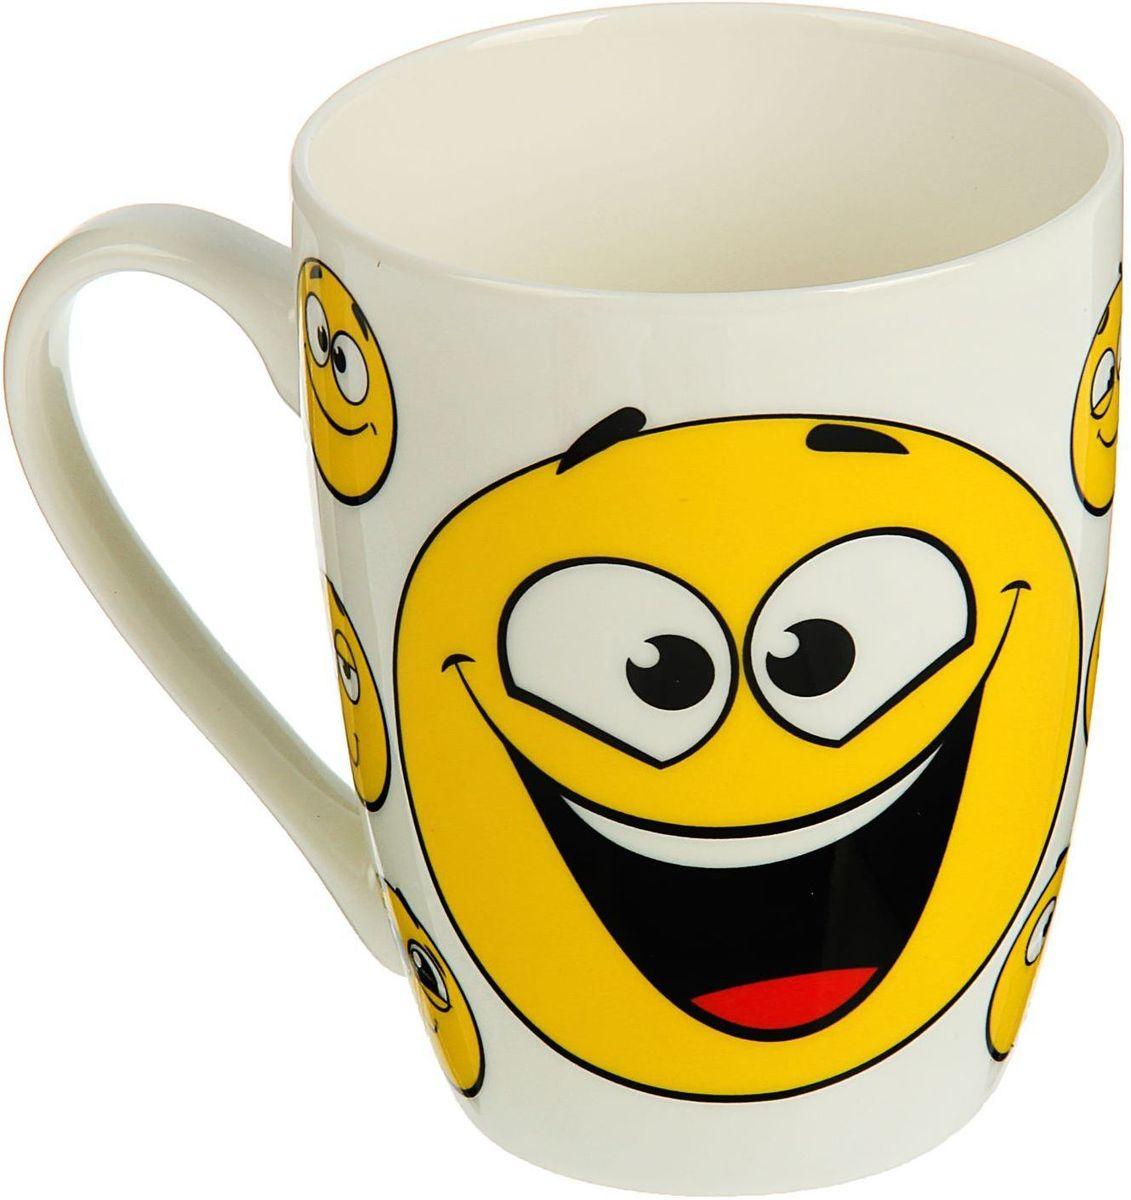 Кружка Доляна Смайлы, 350 мл кружка доляна радуга цвет желтый белый 300 мл